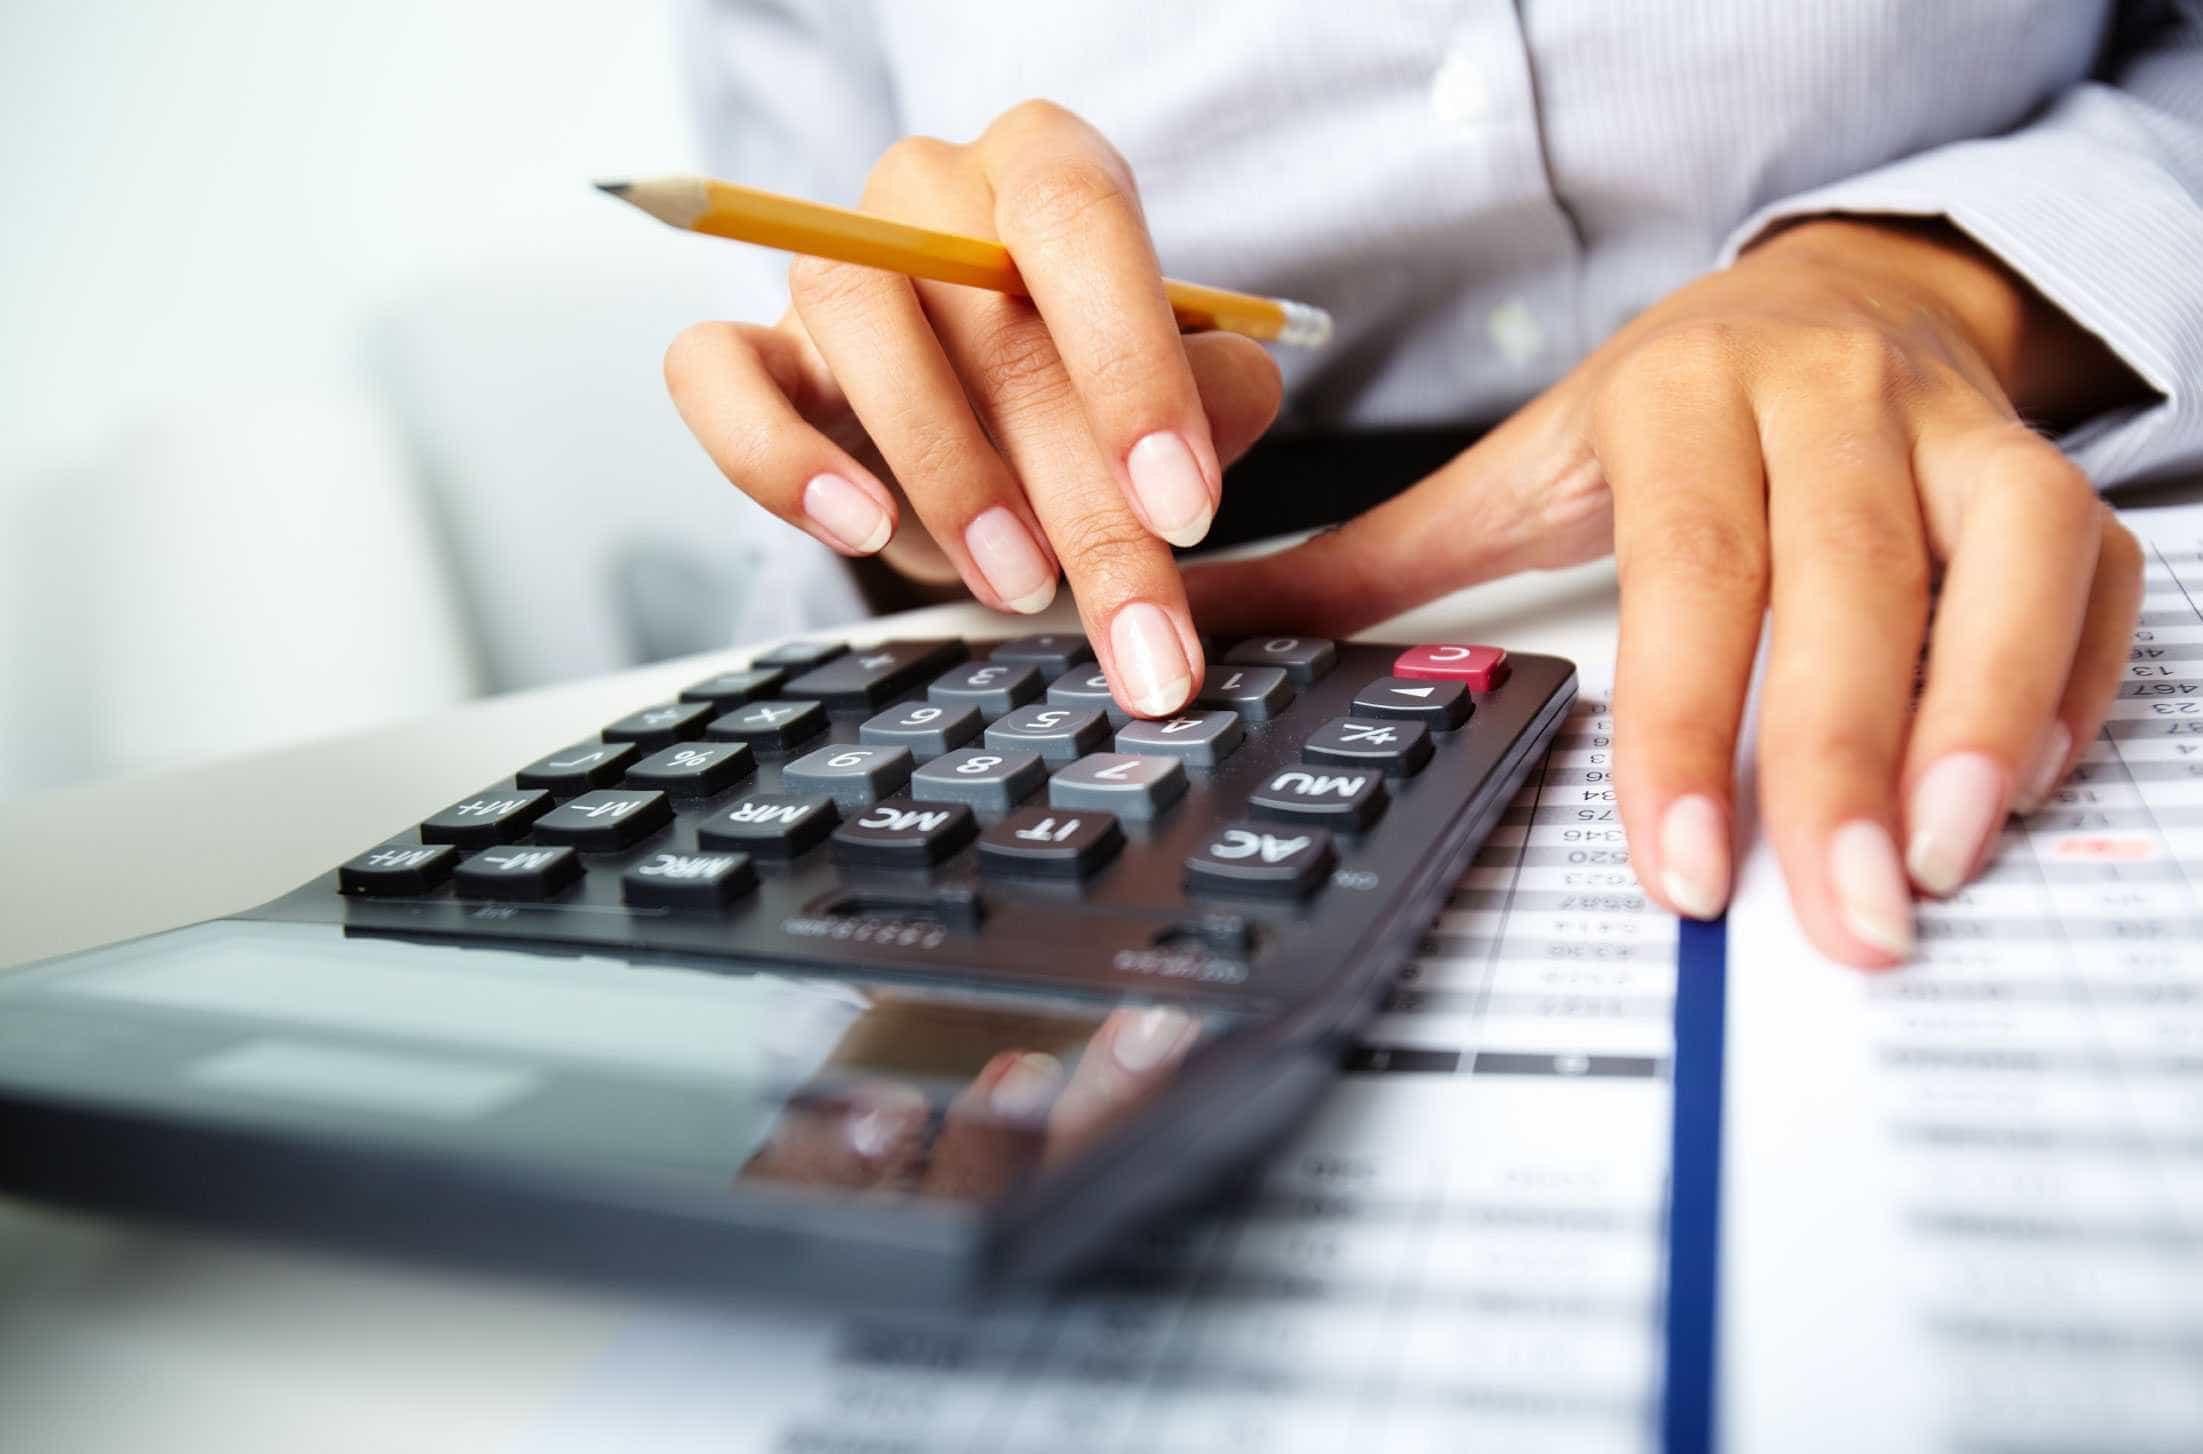 Banco testa empréstimo online para quem não é correntista